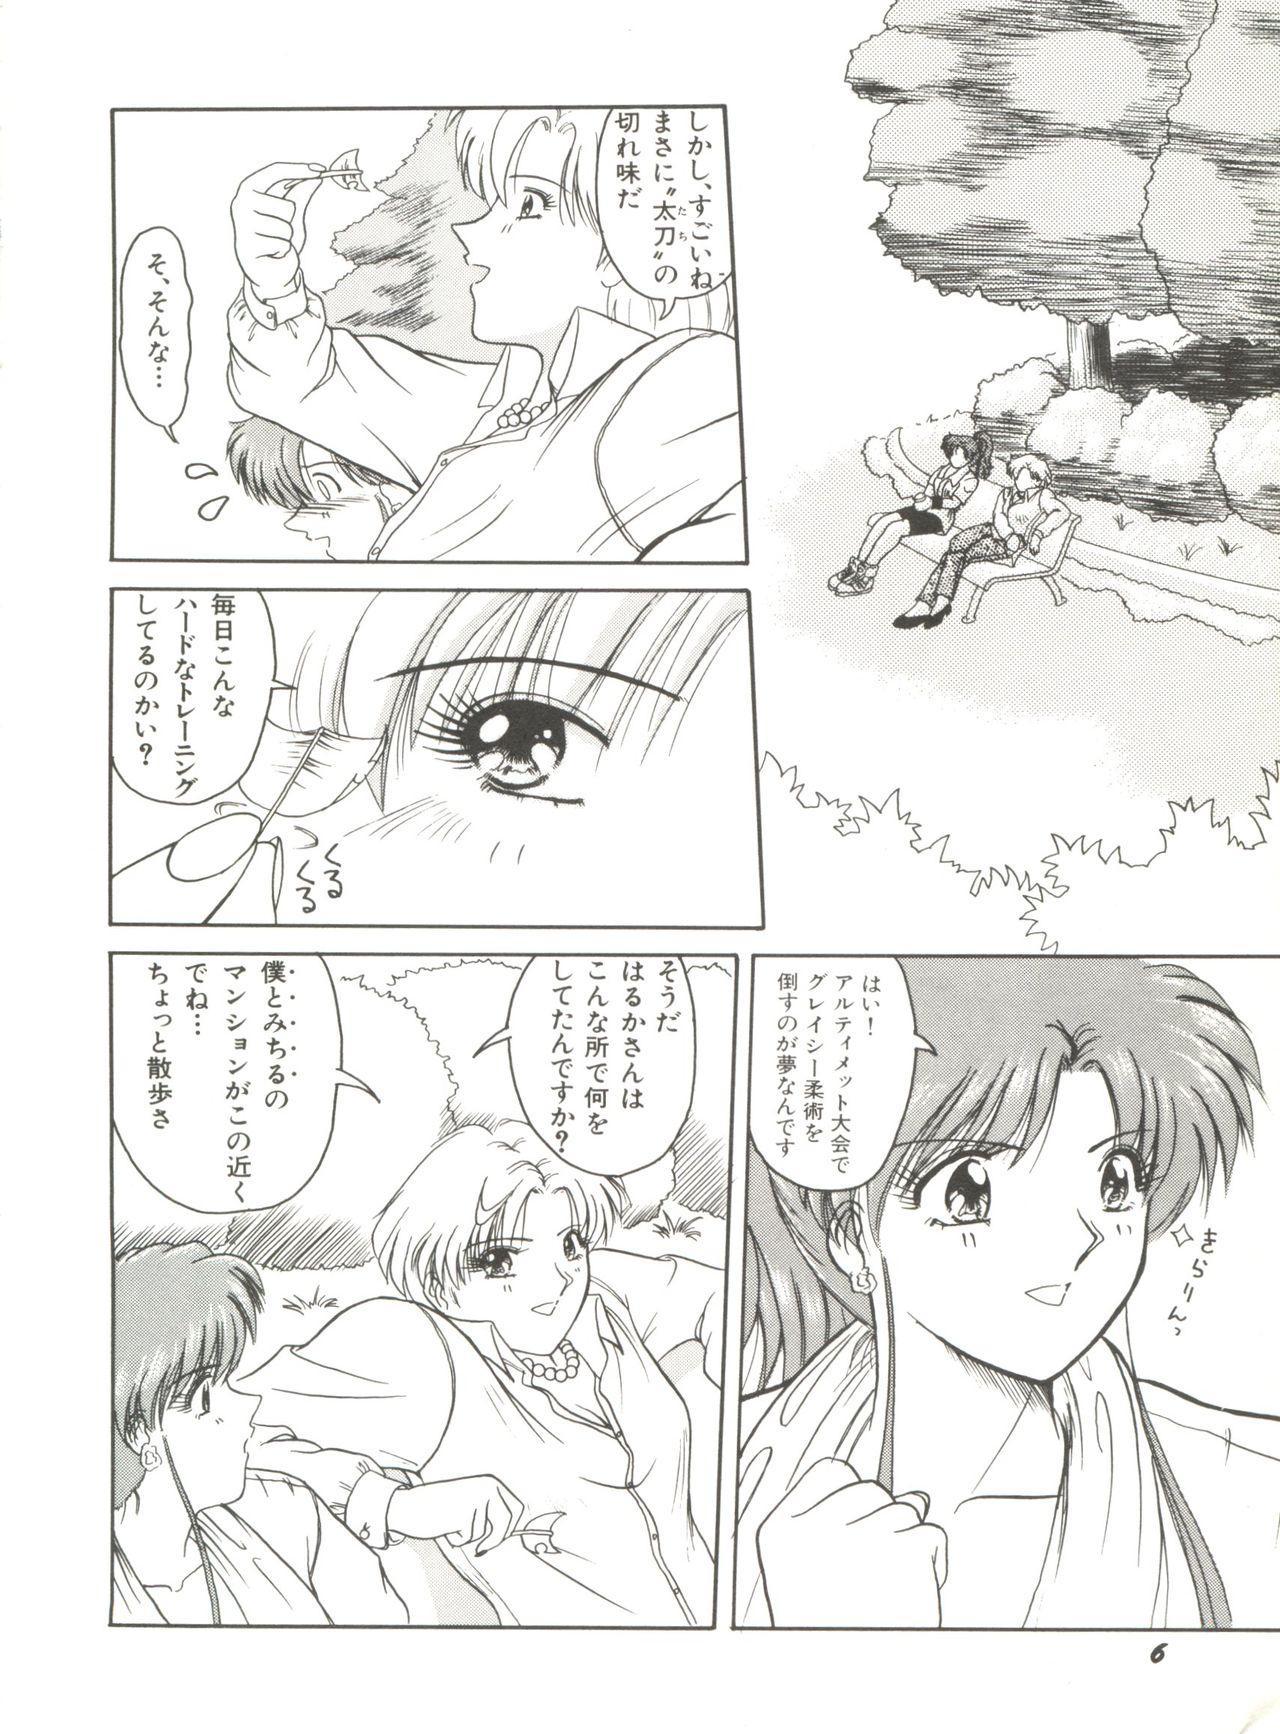 Bishoujo Doujinshi Anthology 12 - Moon Paradise 7 Tsuki no Rakuen 10